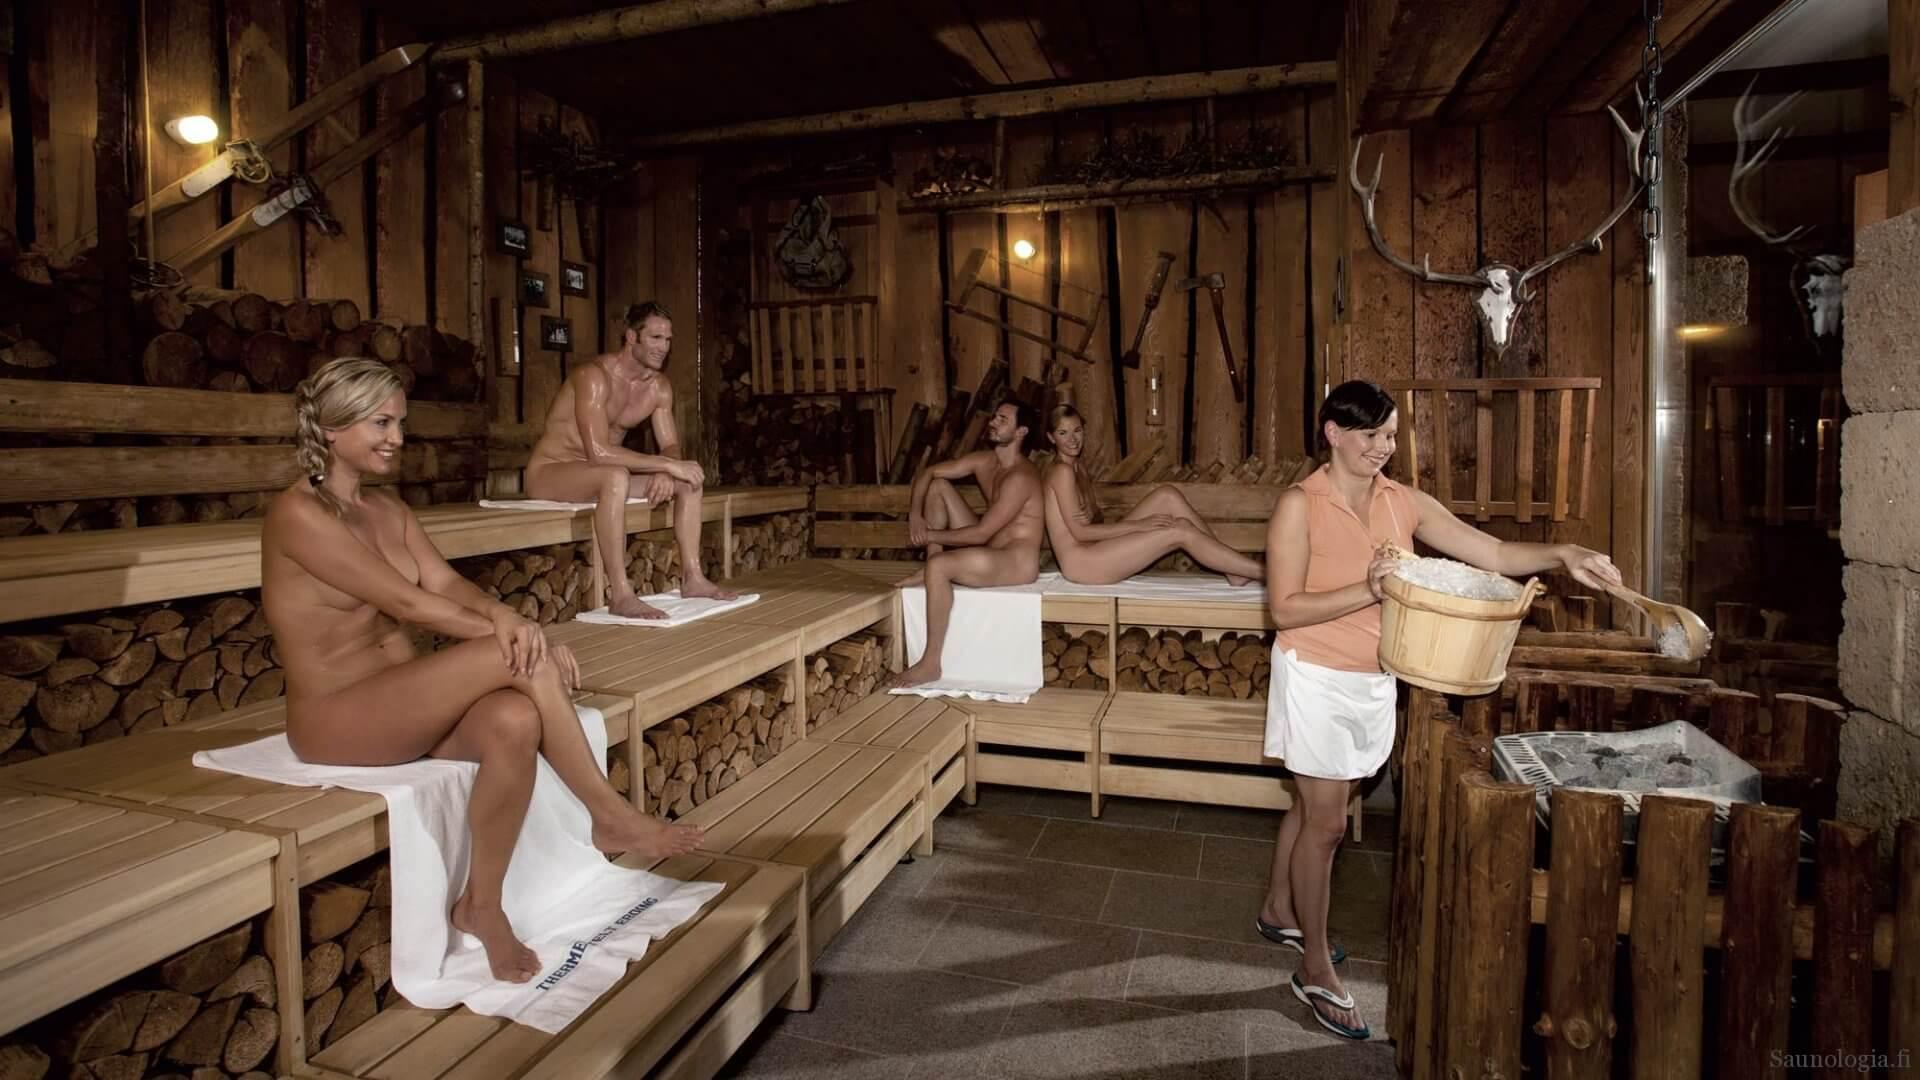 nemtsi-porno-sauna